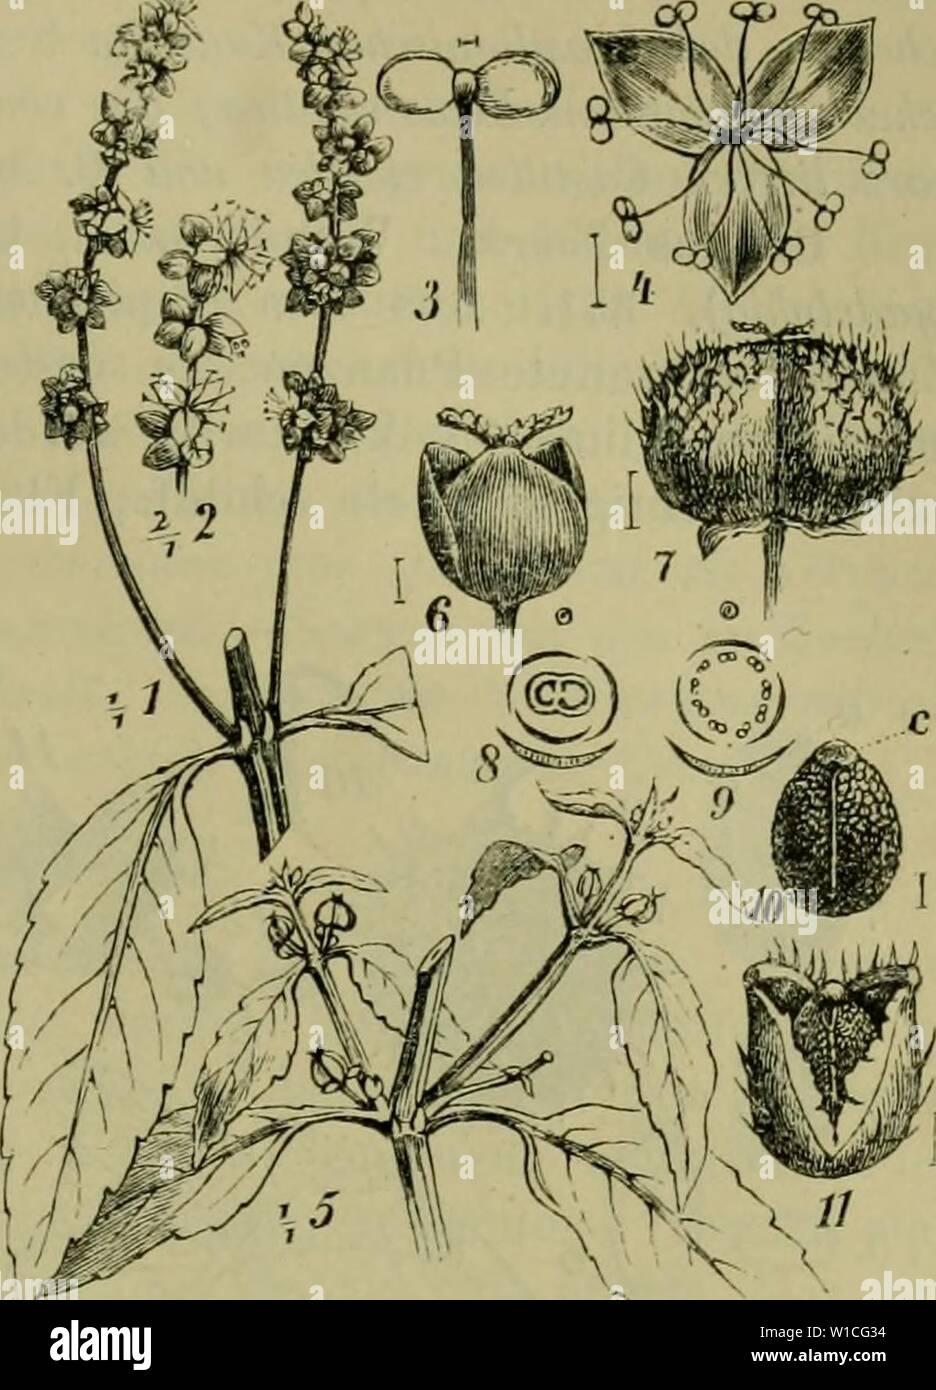 Archive image from page 632 of Deutsche Flora Pharmaceutisch-medicinische Botanik Ein Stock Photo